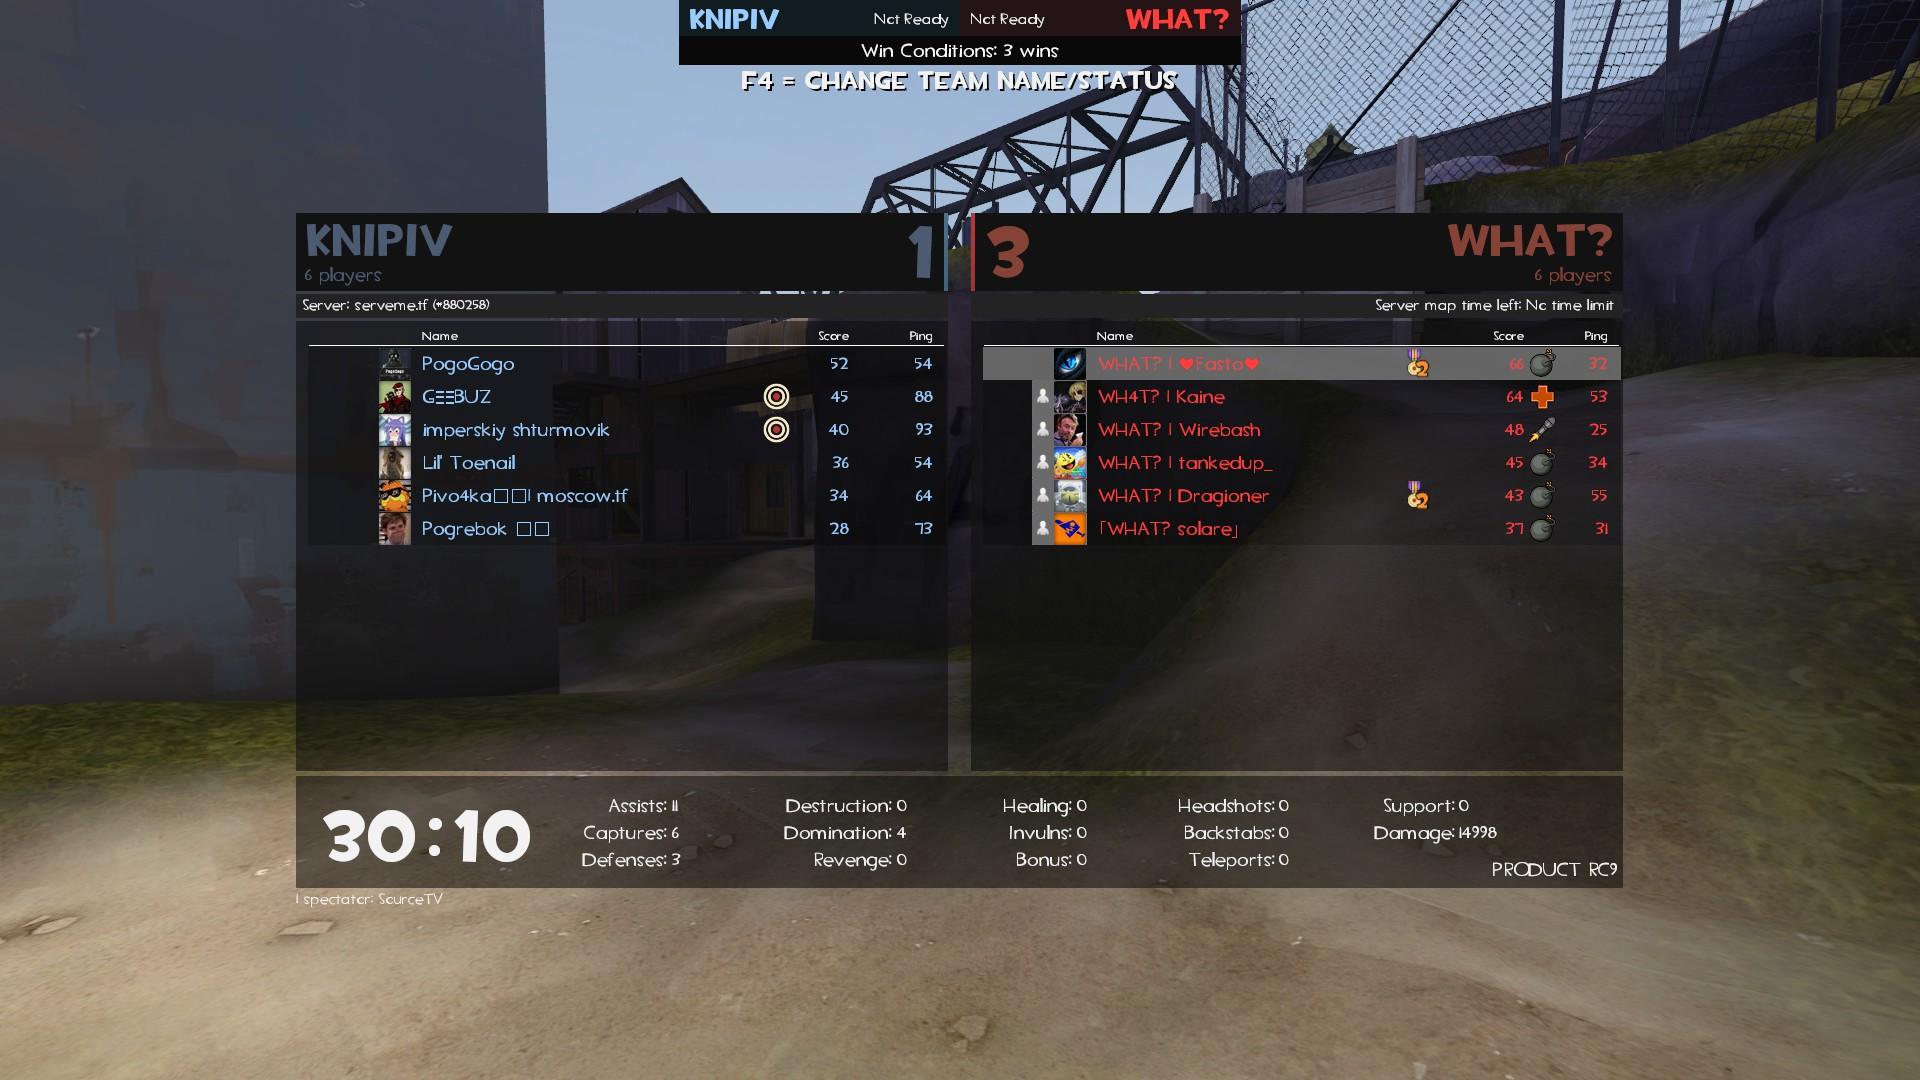 Match end screenshot